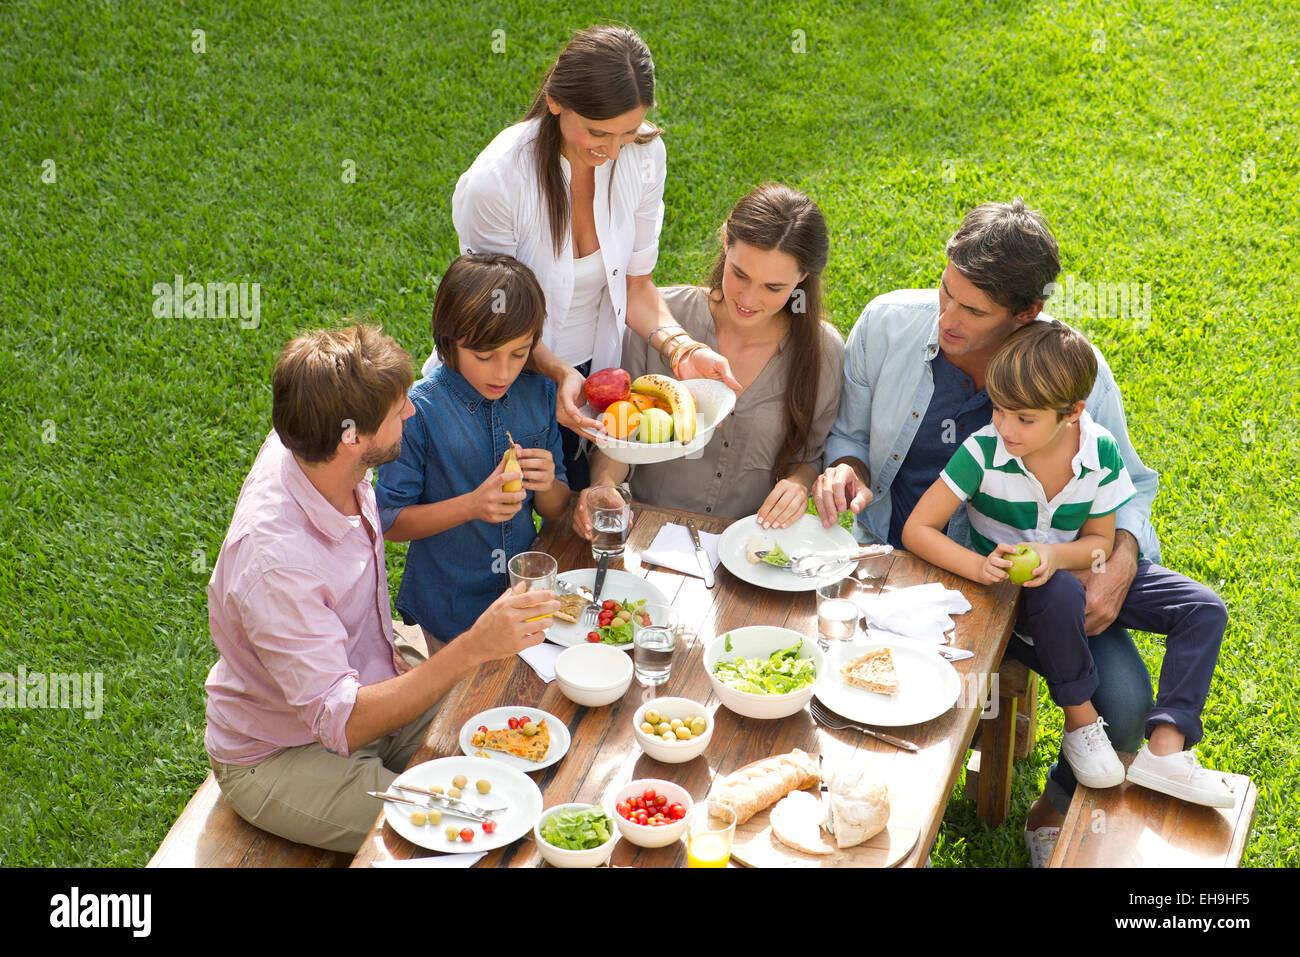 Famiglia e amici si incontrano per picnic Immagini Stock